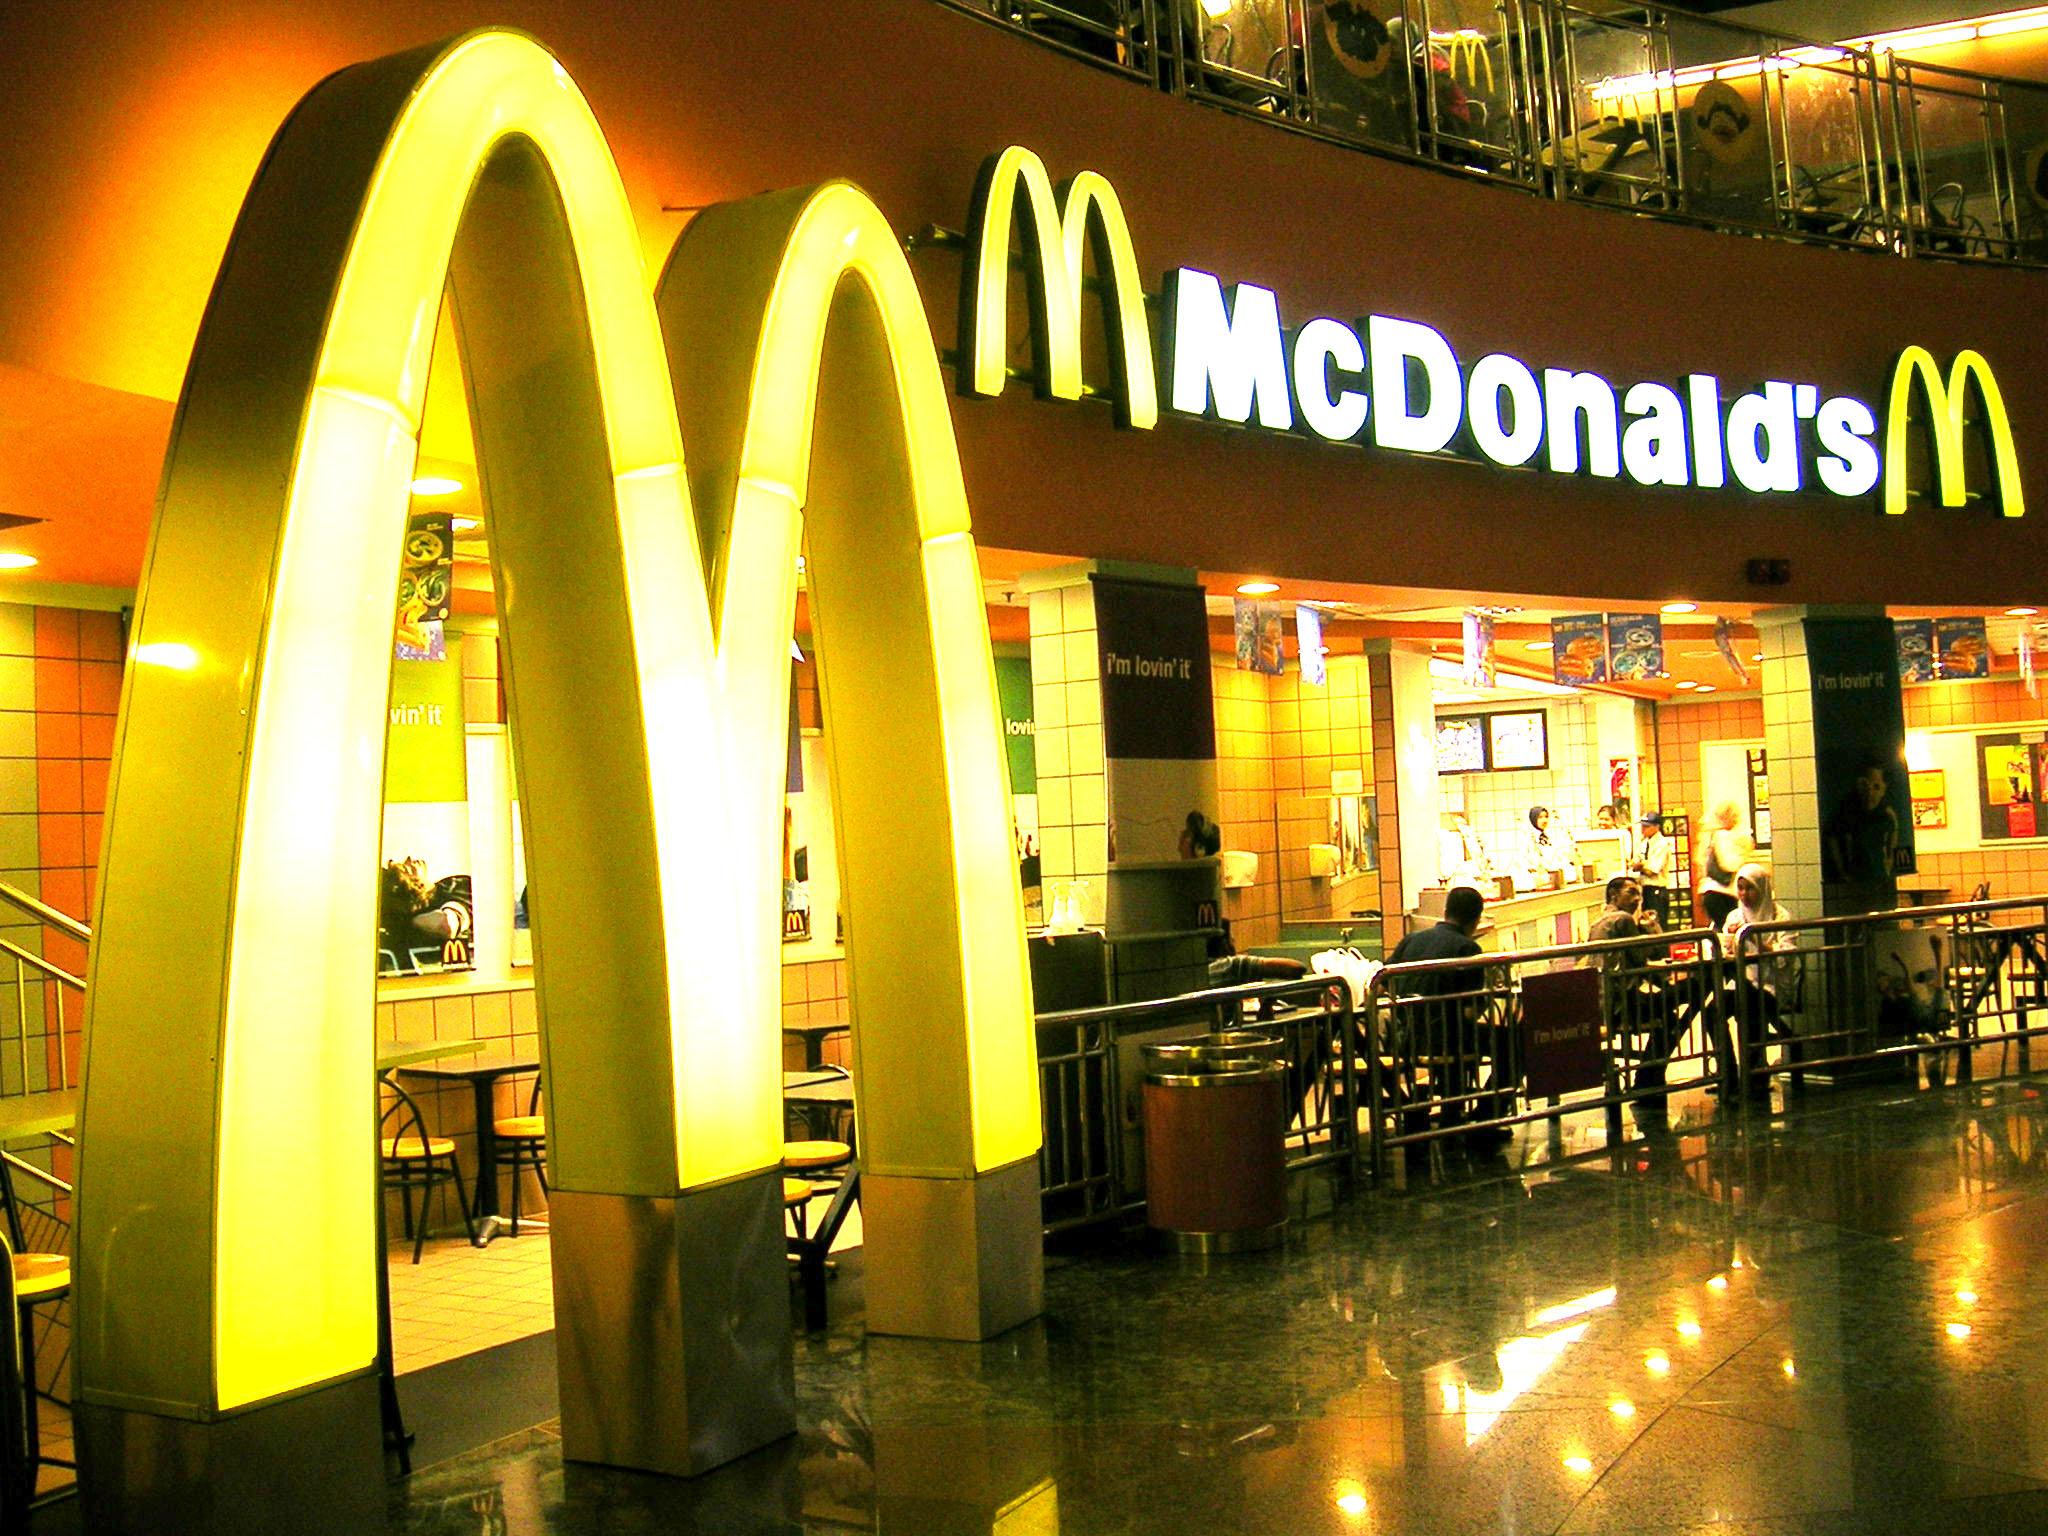 McDonald's Birleşik Krallık'taki restoranlarında Qi kablosuz şarj hizmeti sunacak